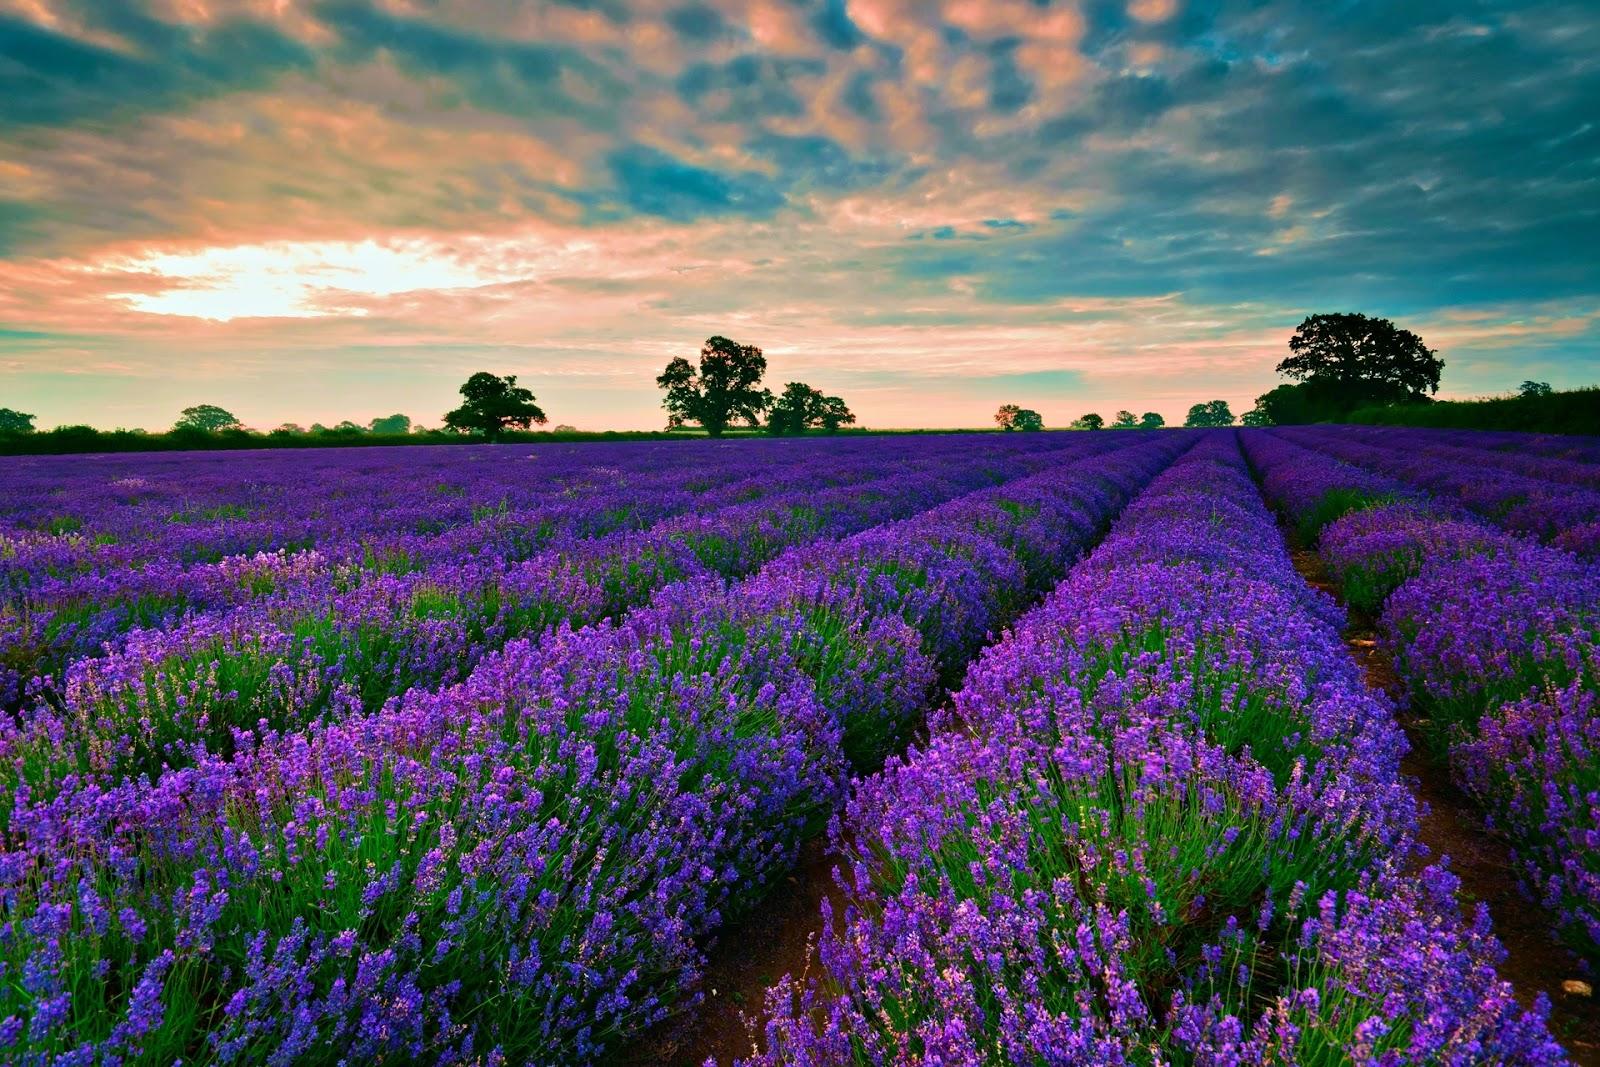 hình nền hoa oải hương màu tím đẹp